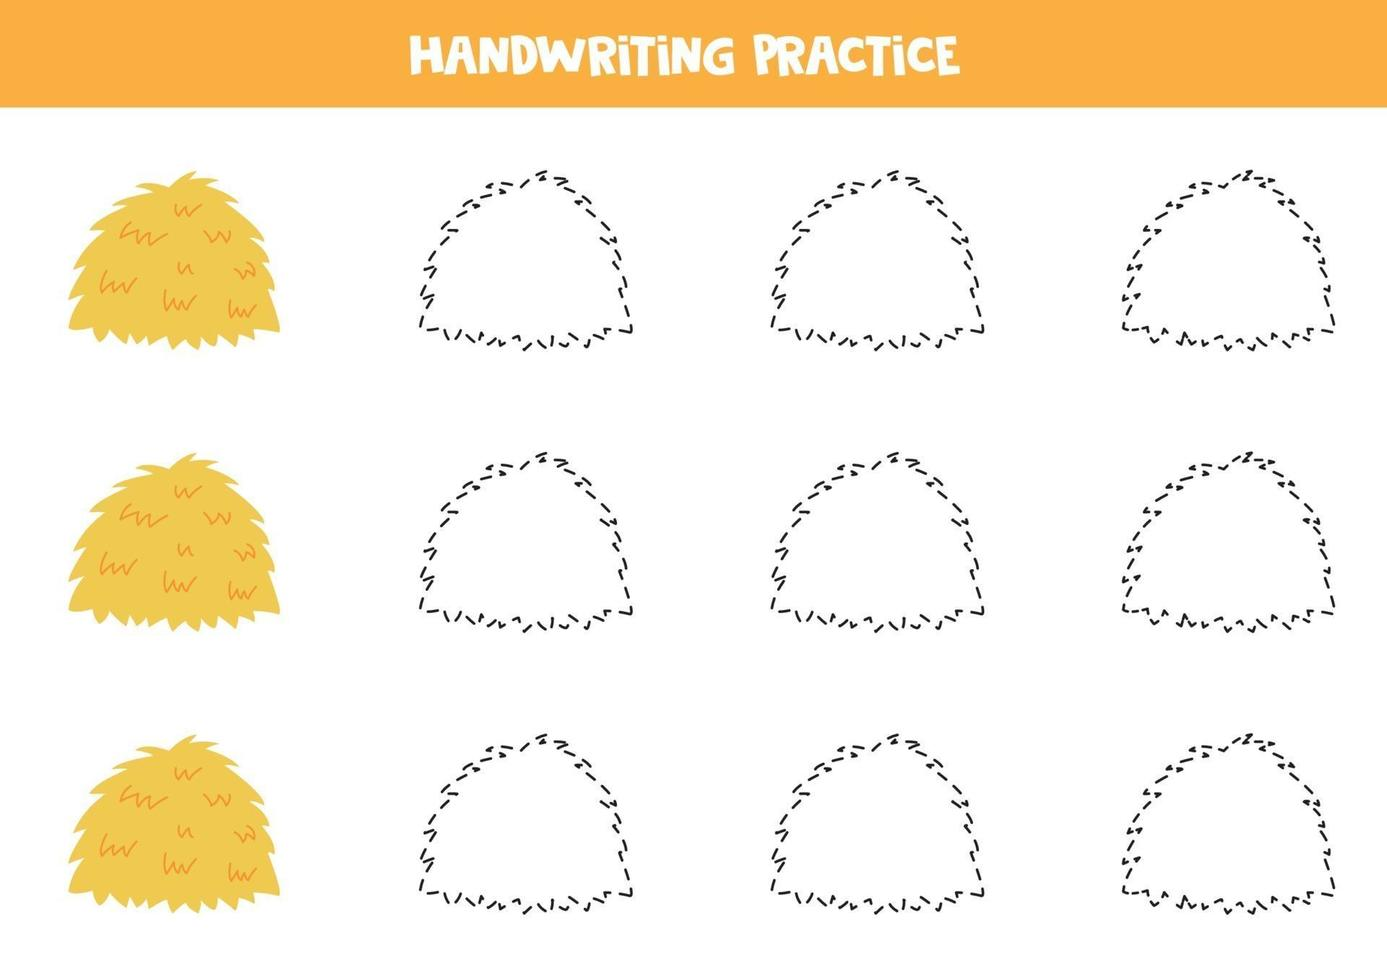 tracez les lignes avec une botte de foin. pratique de l'écriture. vecteur